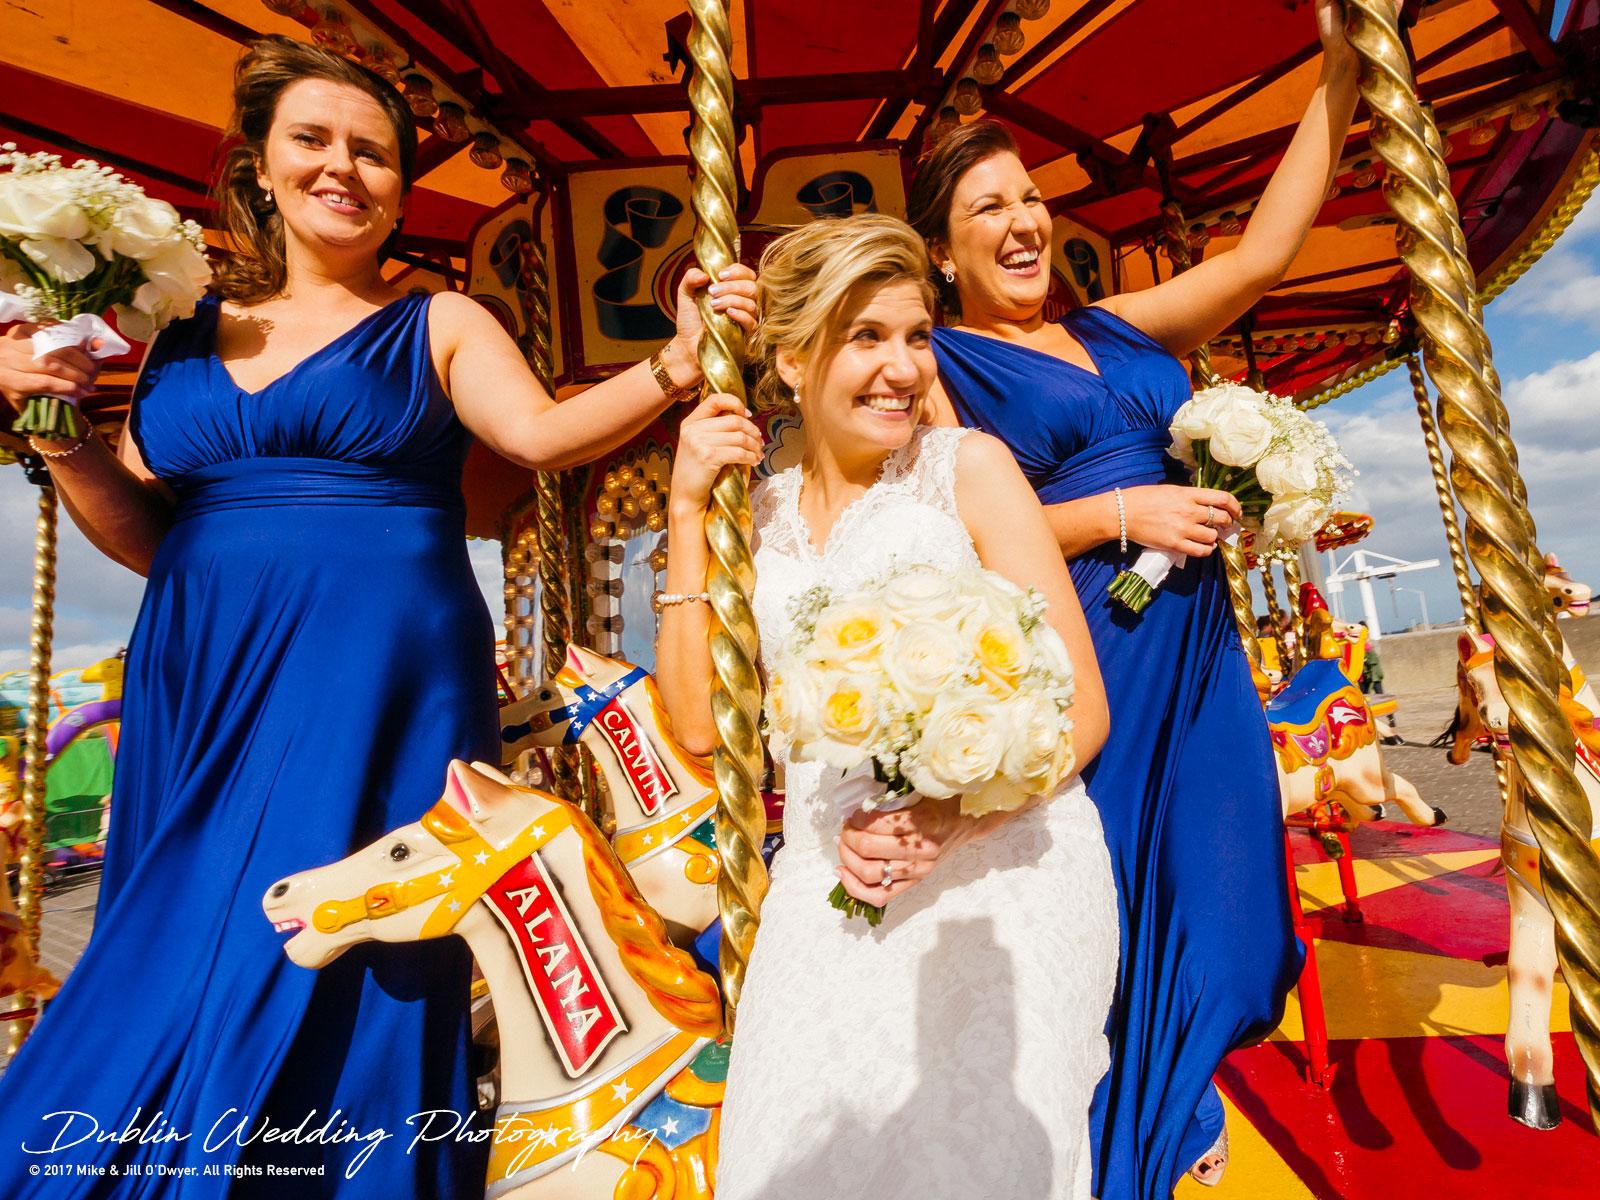 Dublin Wedding Photographer City Streets 008